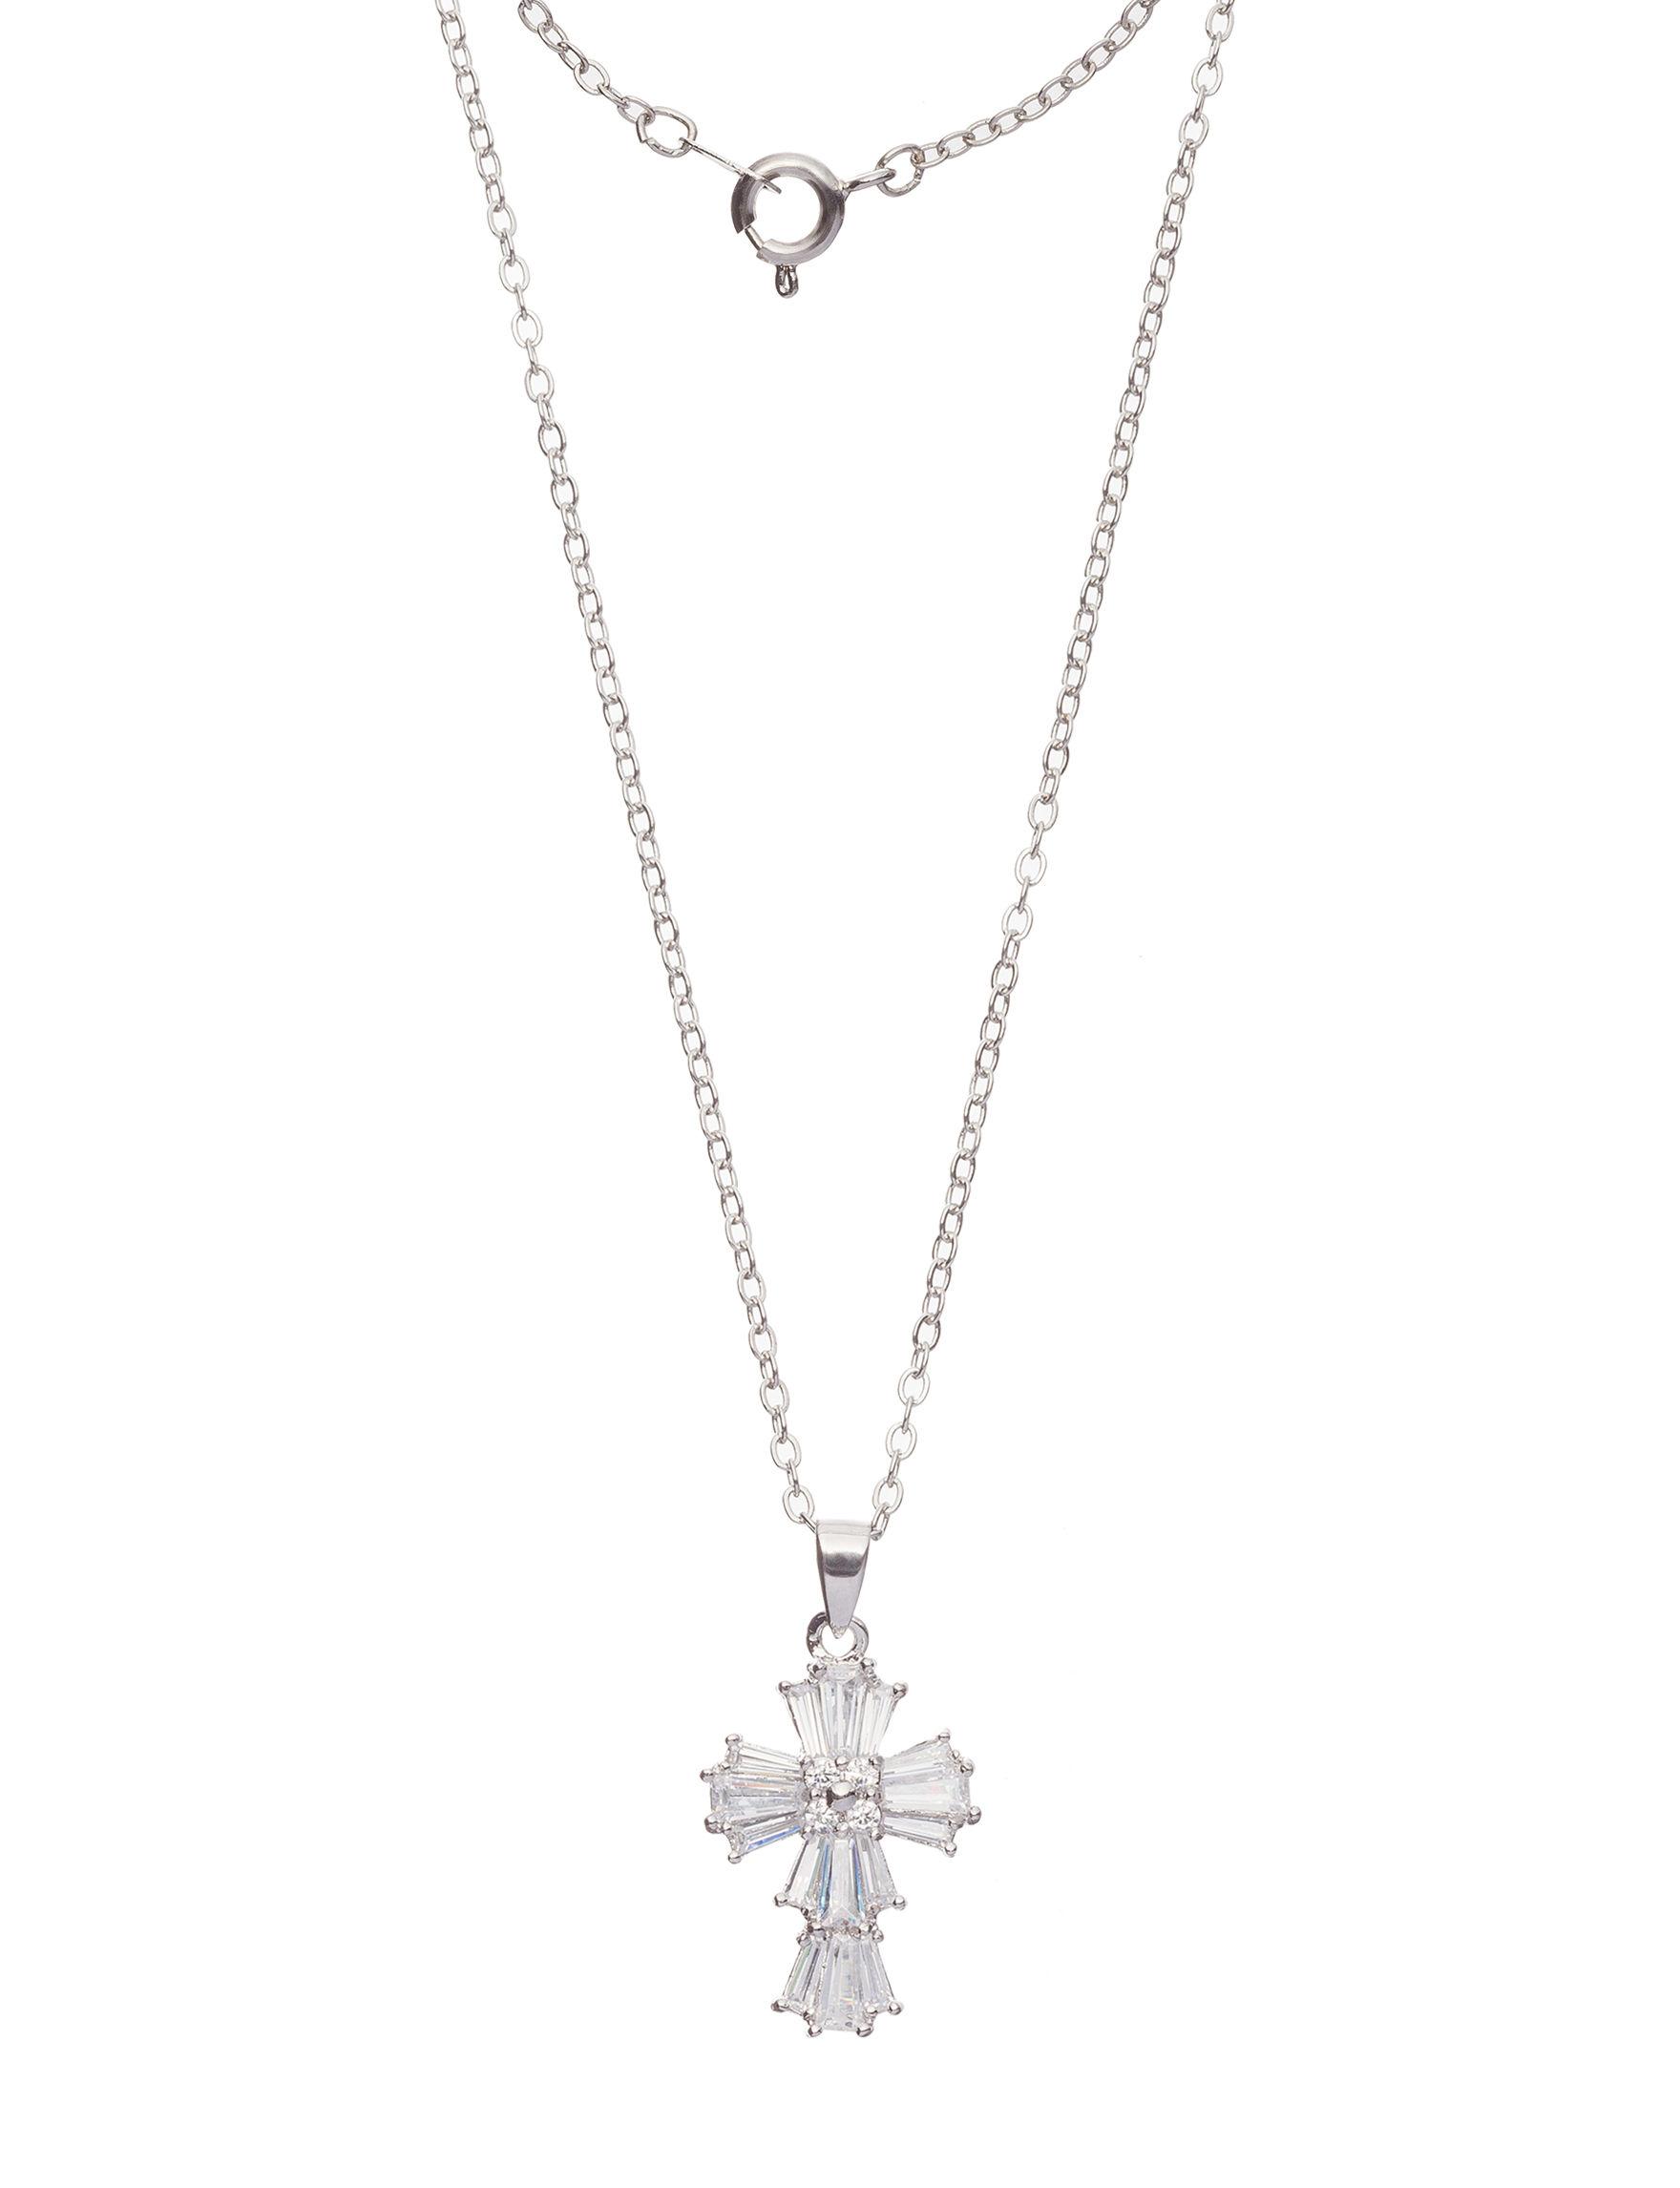 Robert Enterprises Silver Fashion Jewelry